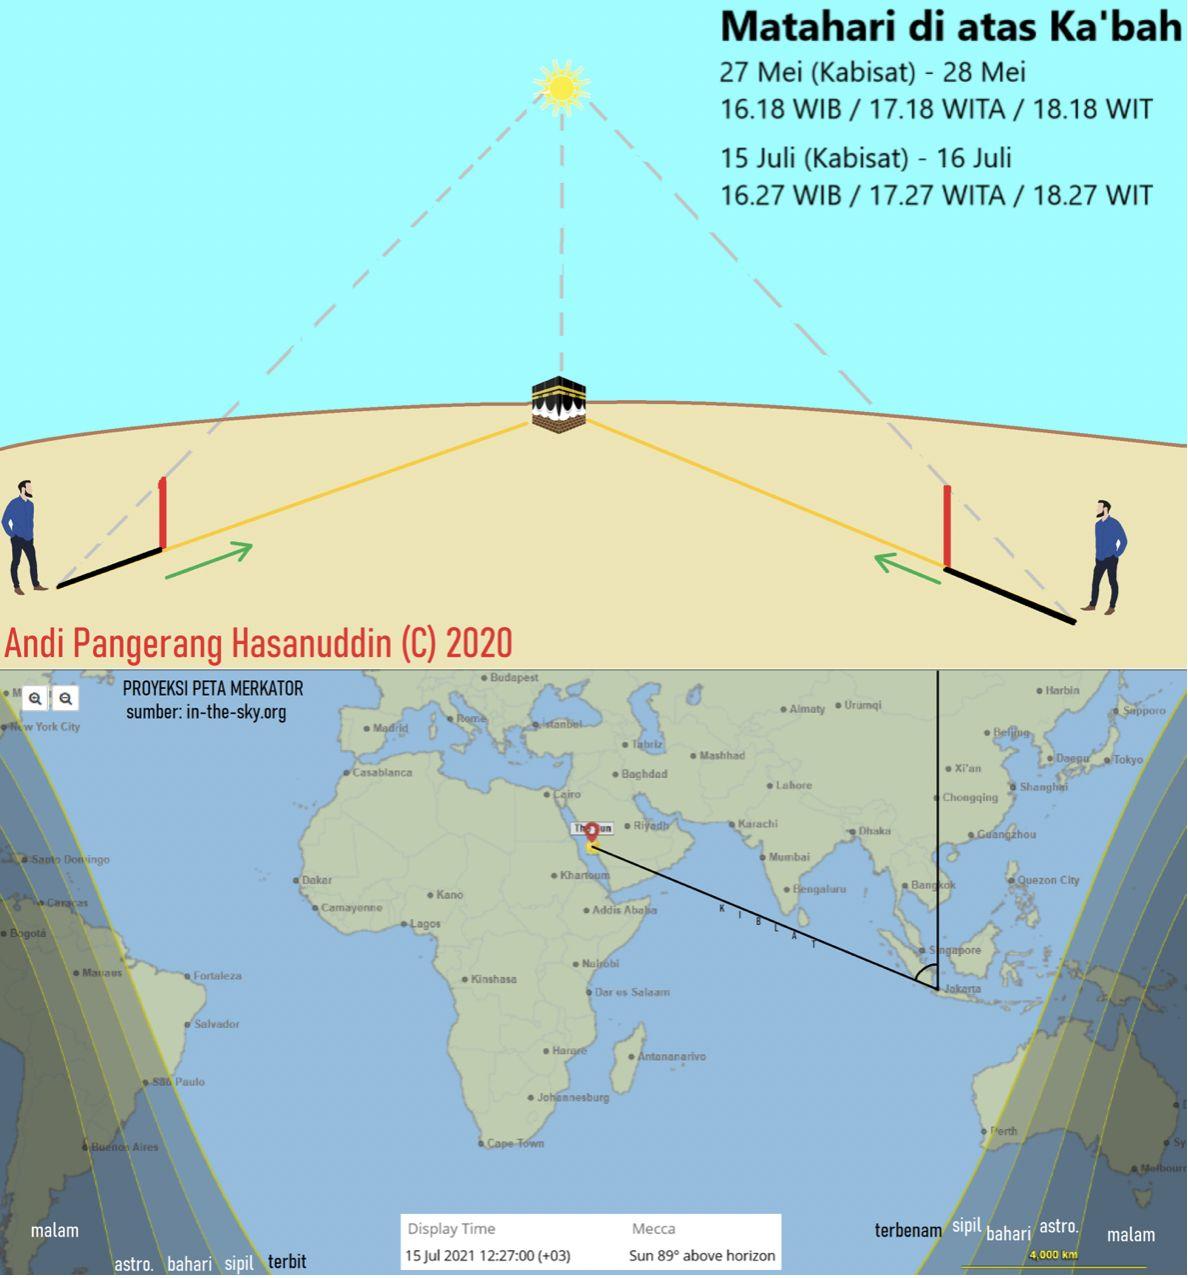 Fenomena matahari tepat di atas Ka'bah jadi acuan untuk mengecek kembali posisi arah kiblat bagi umat Muslim di Indonesia.